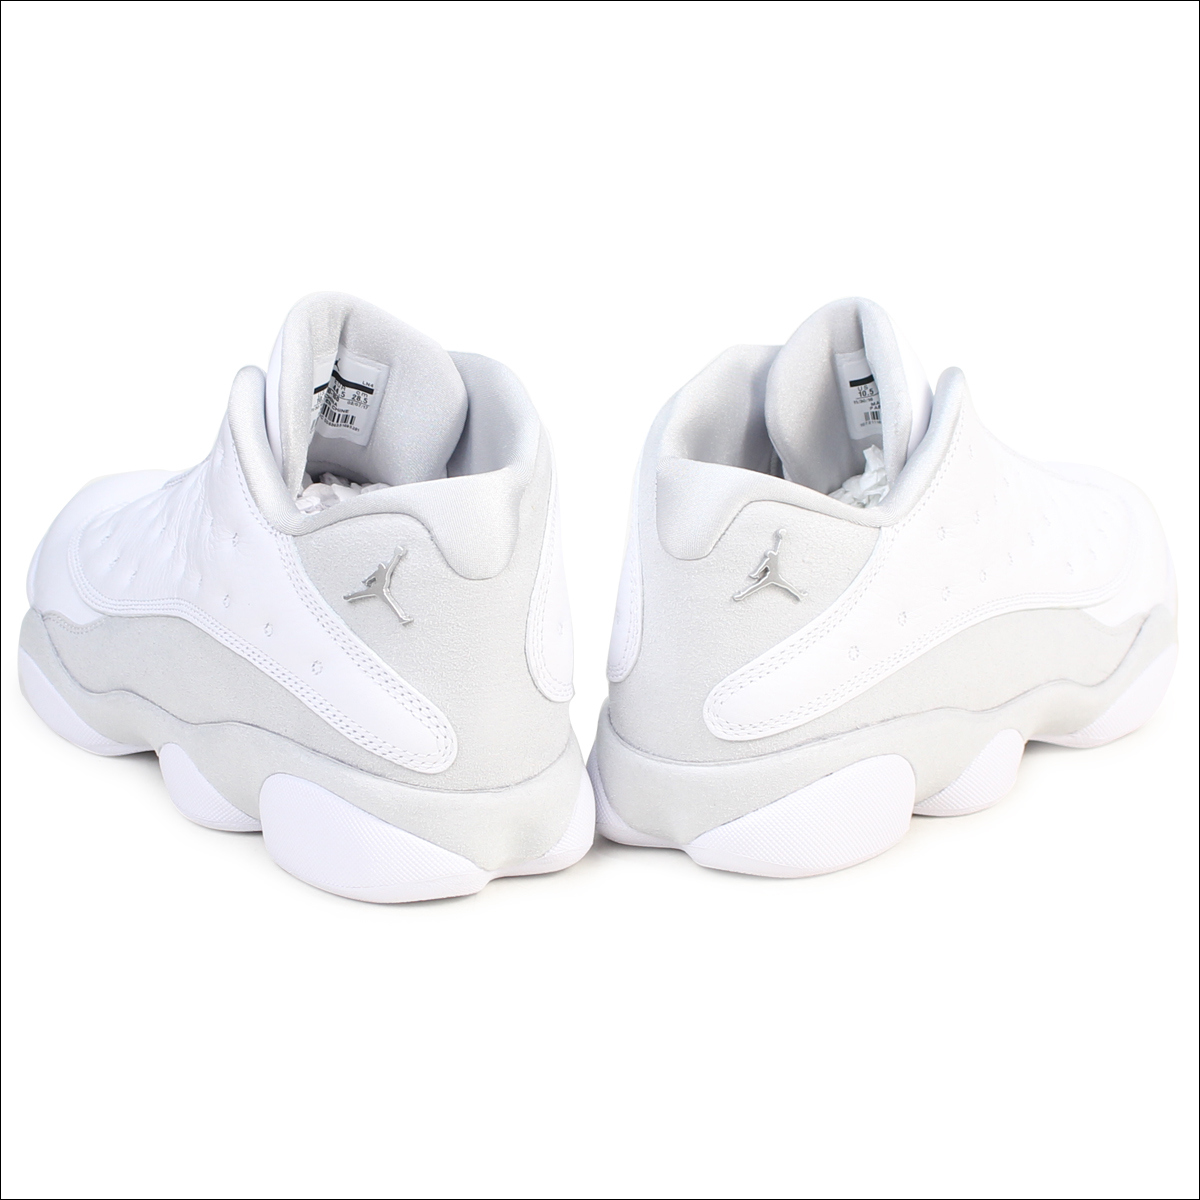 f6999bbec558 ... NIKE Nike Air Jordan 13 nostalgic low sneakers AIR JORDAN 13 RETRO LOW  PURE MONEY 310,810